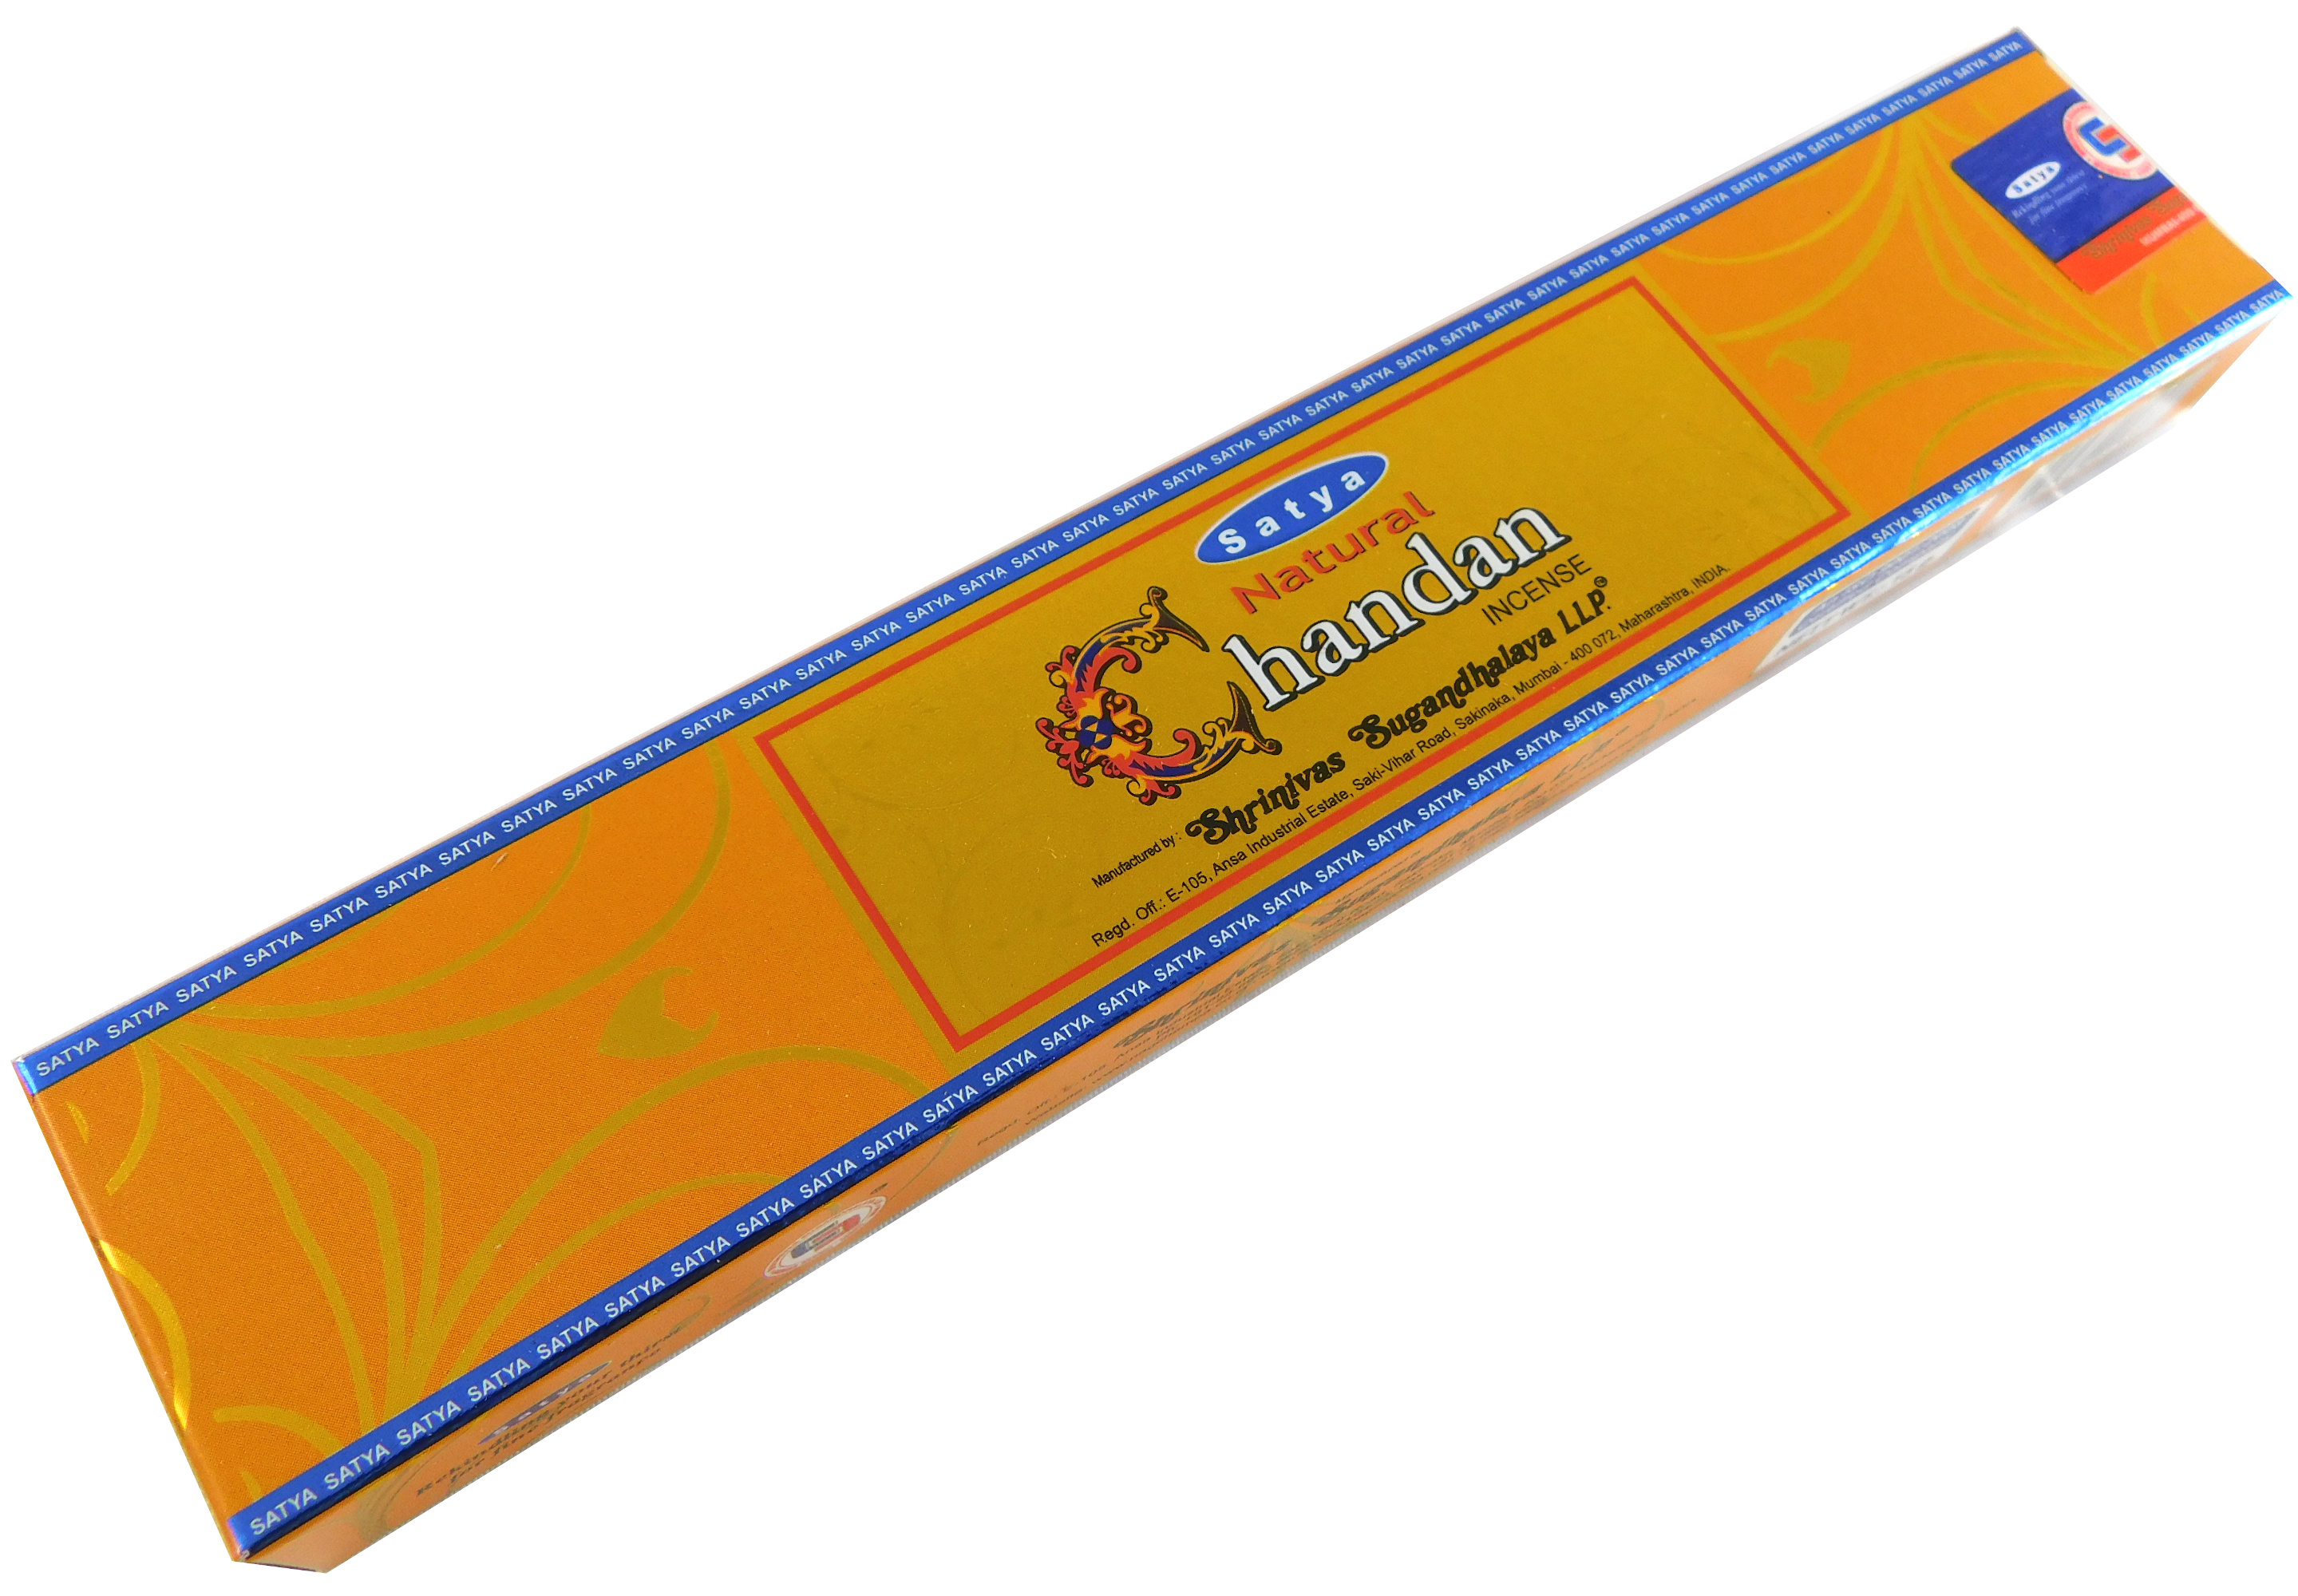 Räucherstäbchen Natural Chandan von Satya 15g Packung. Ca. 15 Incence Sticks